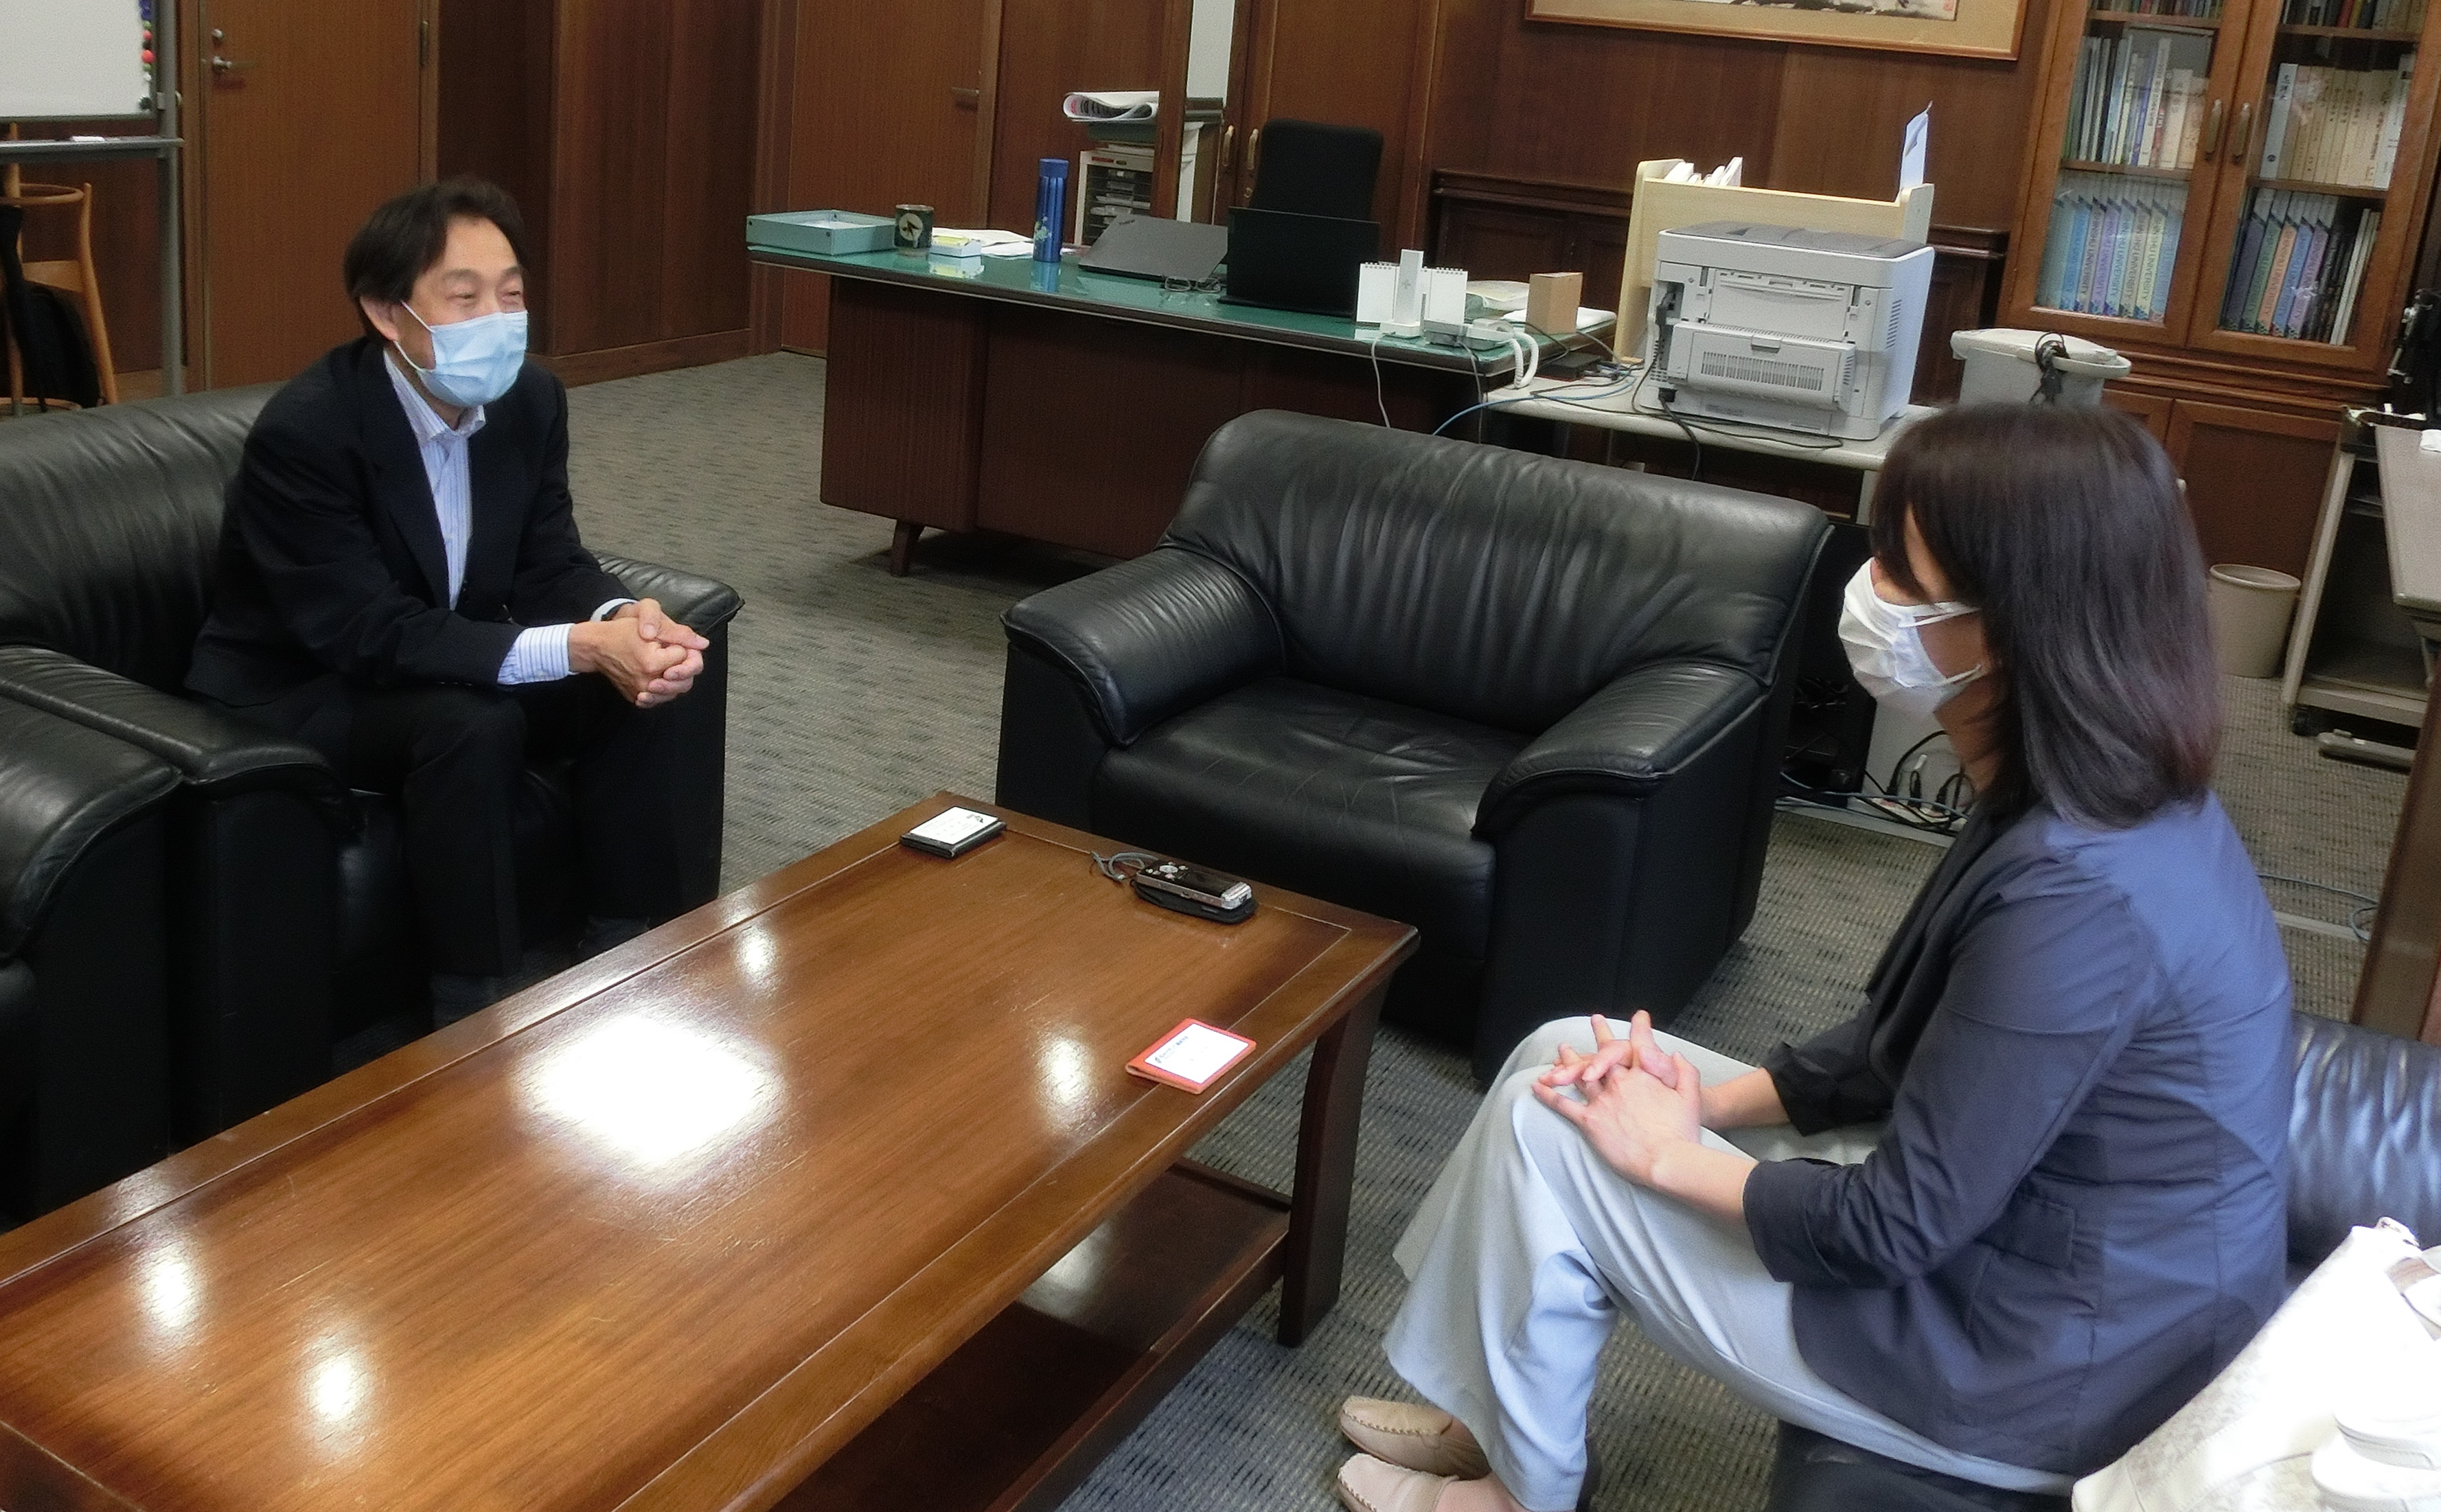 森川英明 繊維学部長のインタビュー掲載